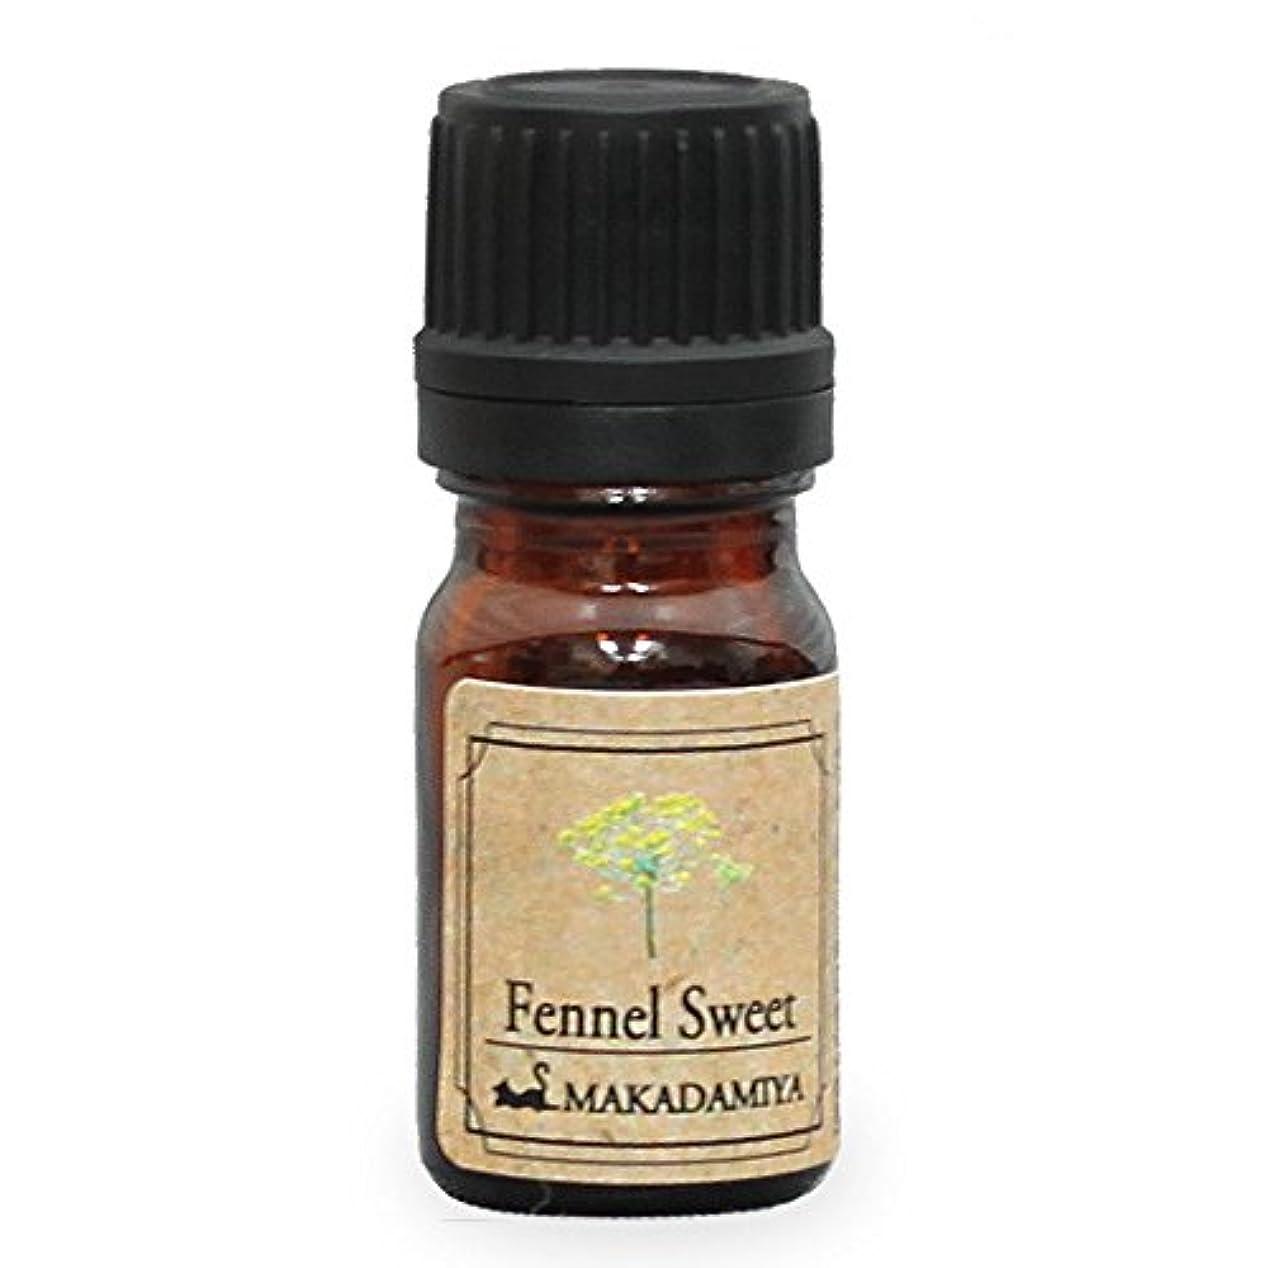 ペット宿陰気フェンネルスウィート5ml天然100%植物性エッセンシャルオイル(精油)アロマオイルアロママッサージアロマテラピーaroma Fennel Sweet